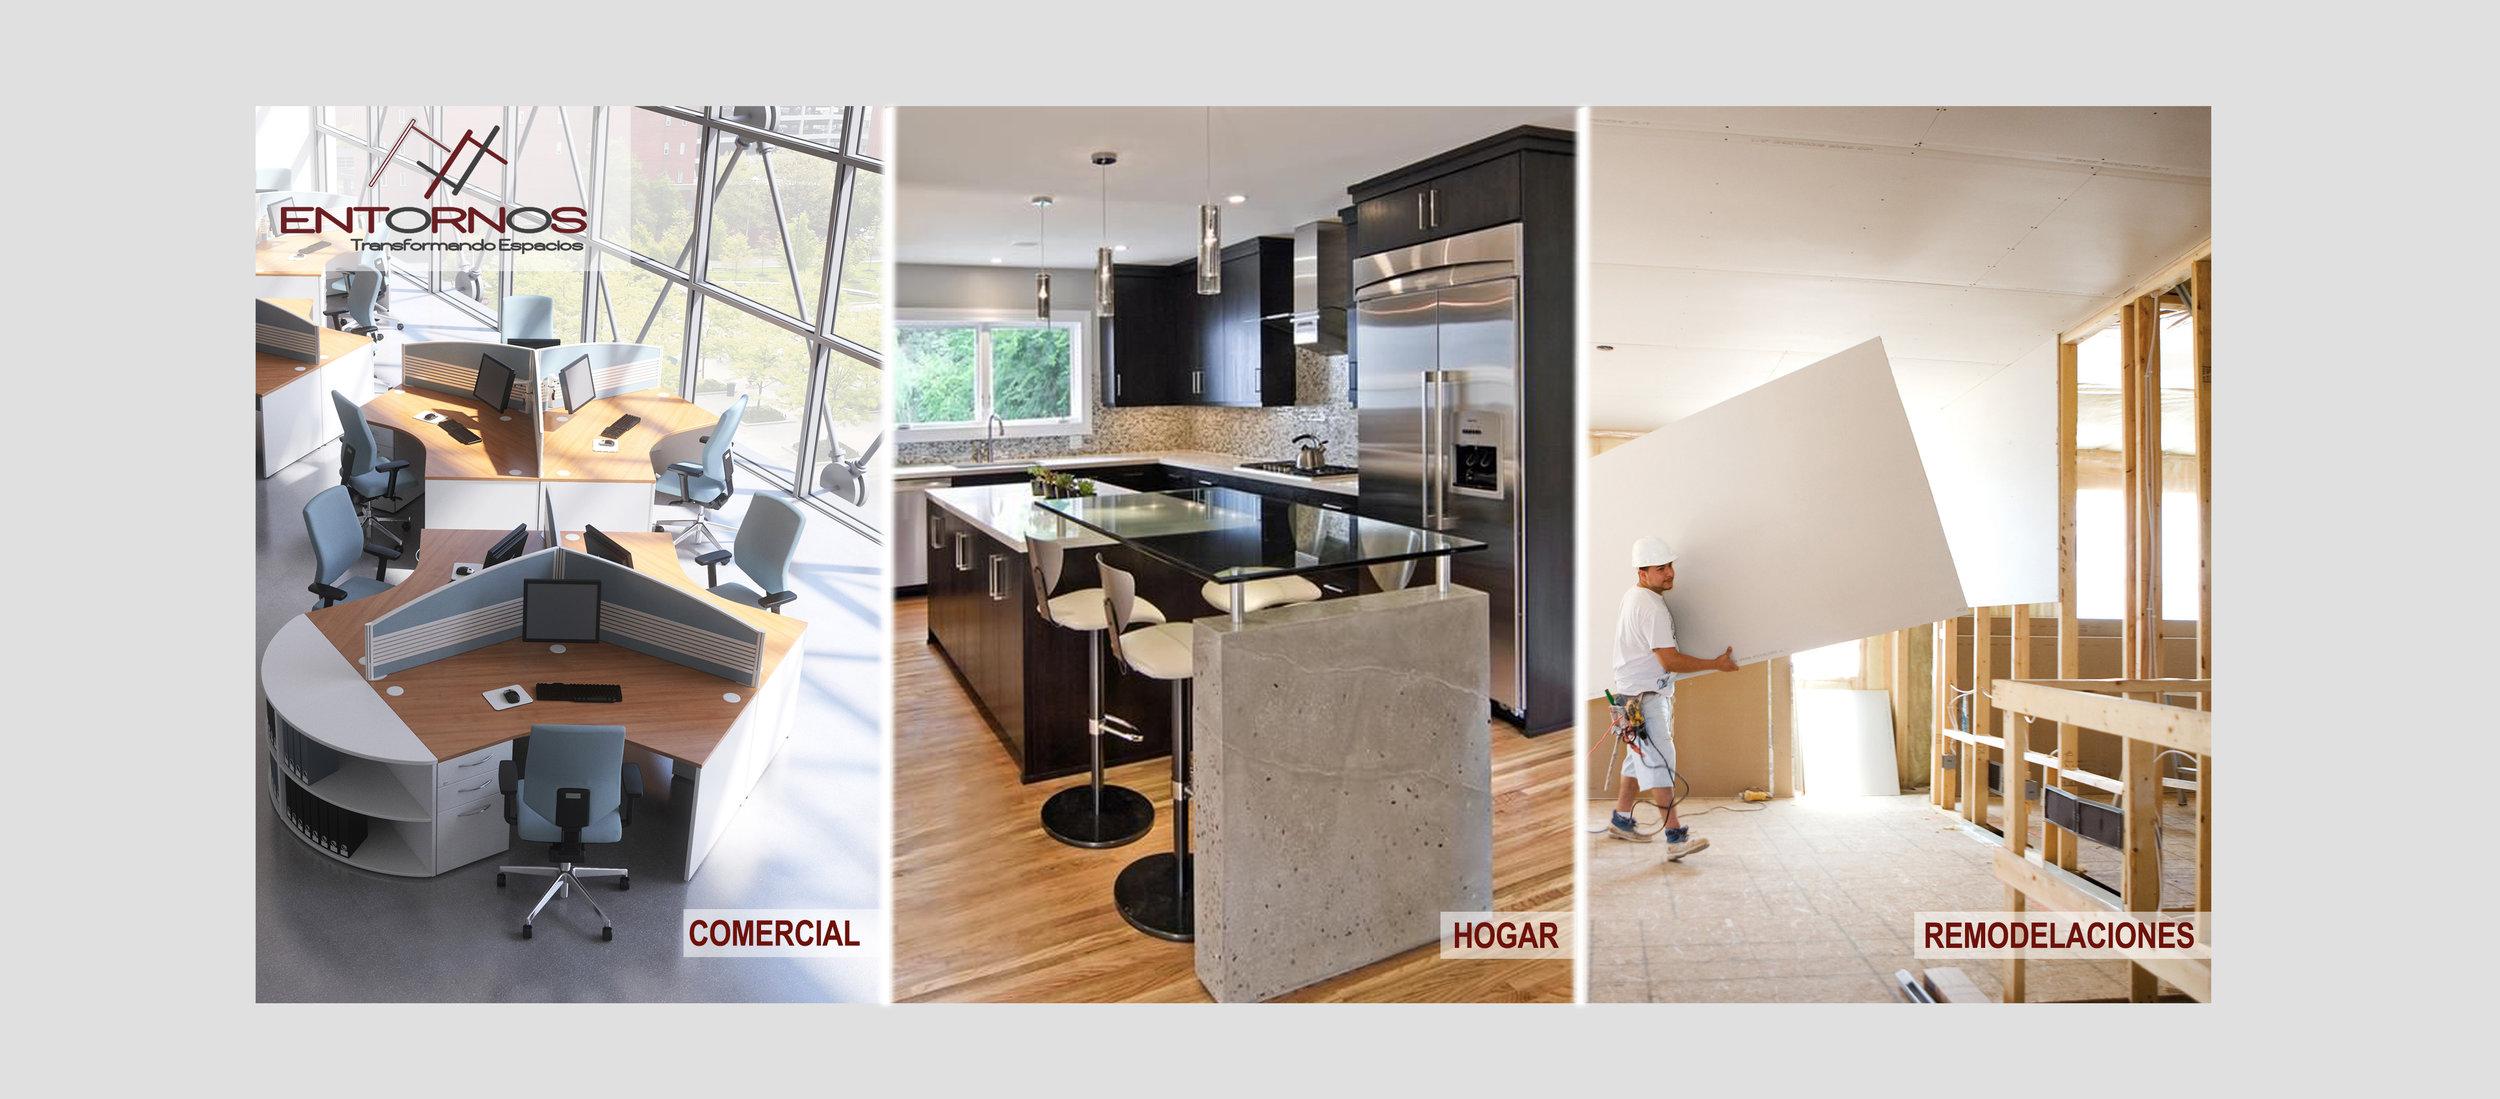 Entornos | Fabricantes de Muebles de Cocina, Baño, Oficina | Escazu ...